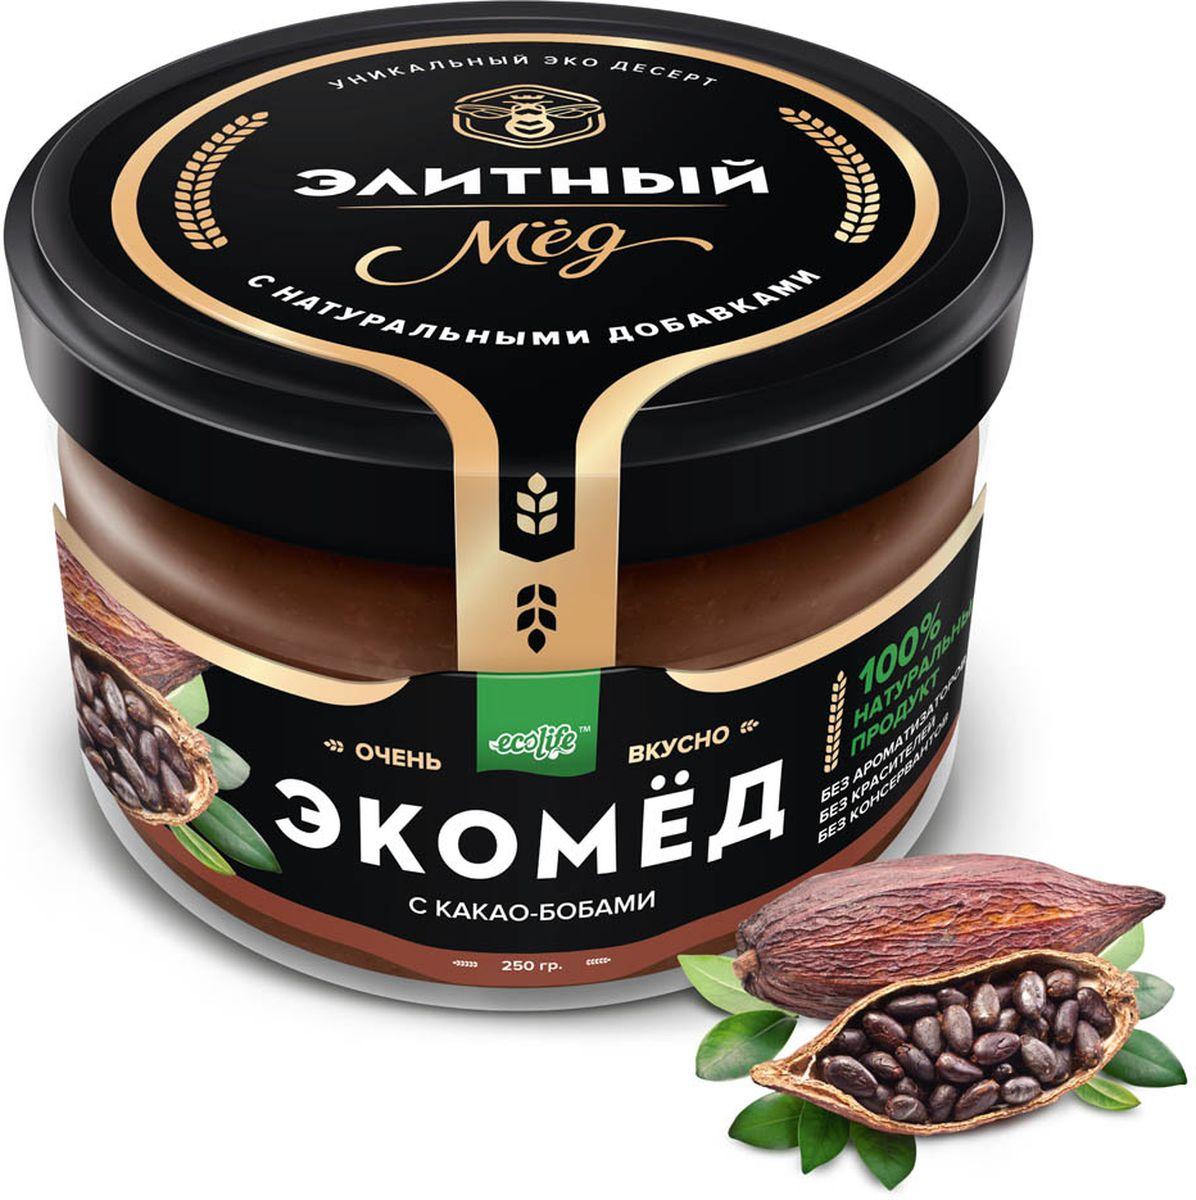 Ecolife Экомед с какао-бобами, 250 г0120710100% натуральный экопродукт, имеющий в составе только натуральные ингредиенты. При изготовлении не используется дешевый подсолнечный мёд. Мед не нагревается, сохраняются все его полезные свойства. Экомёд не имеет эффекта расслаивания.